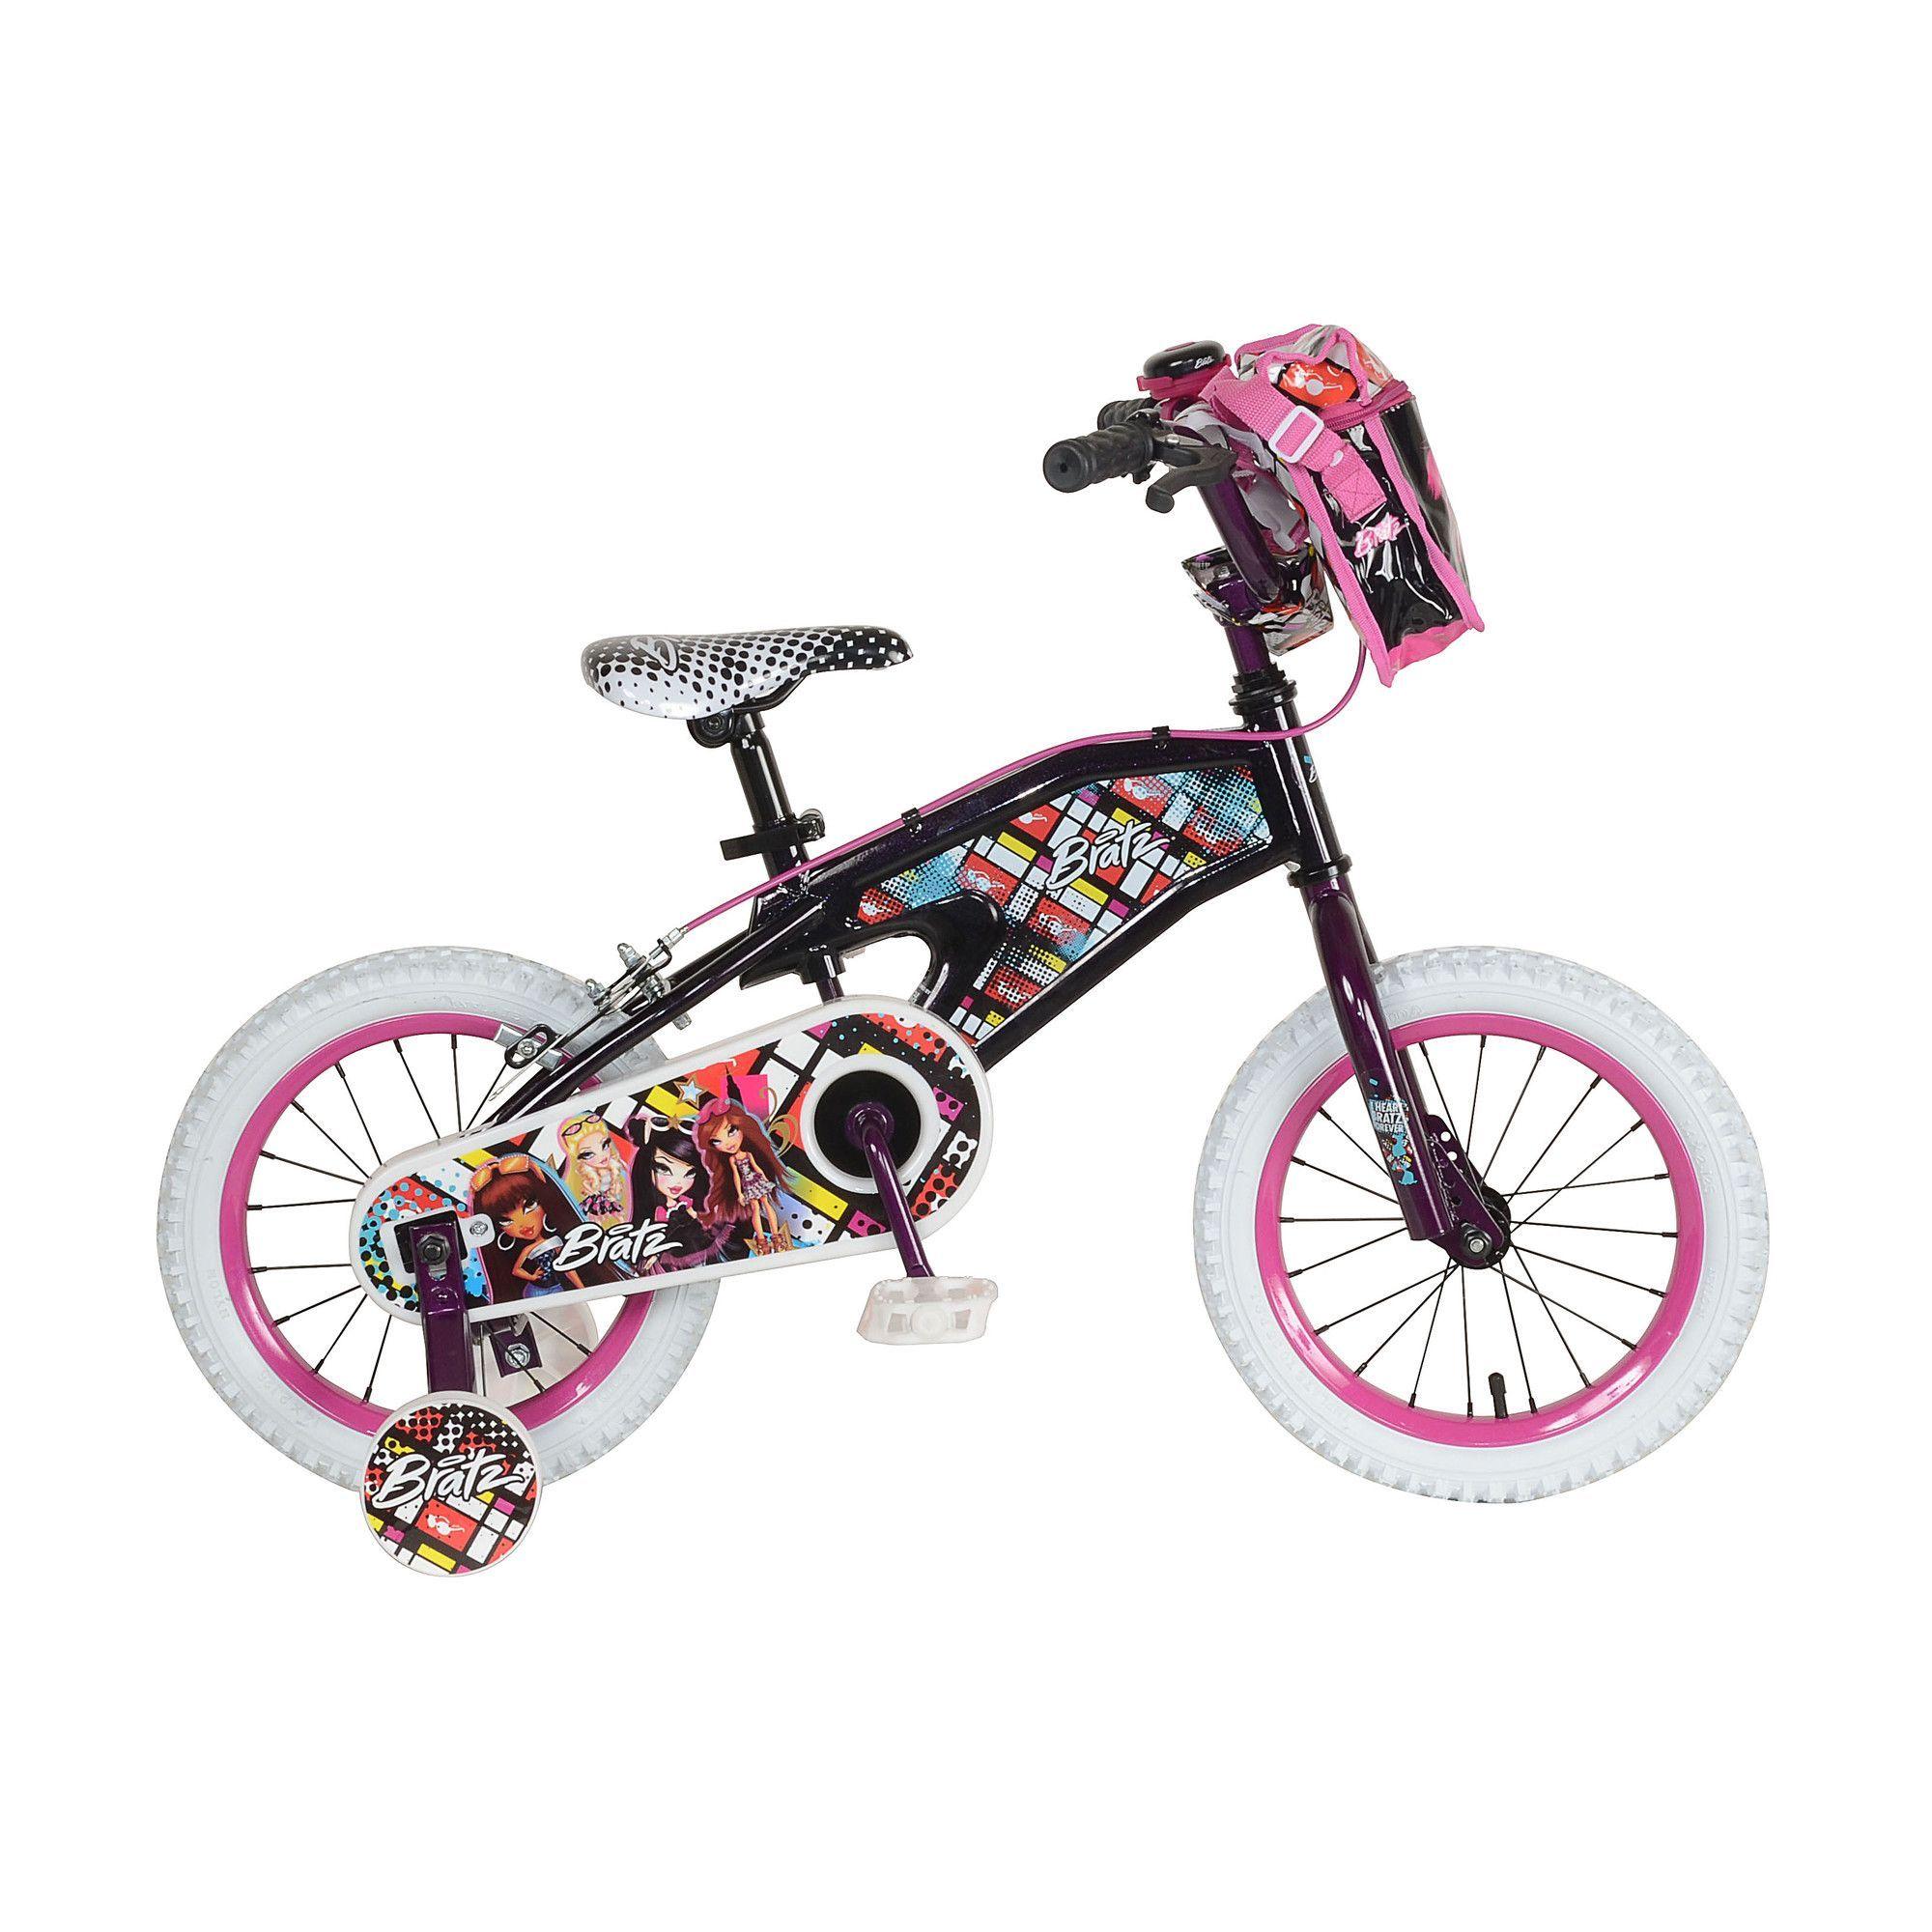 Girl S 14 Road Bike Bike With Training Wheels Kids Bike Bicycle